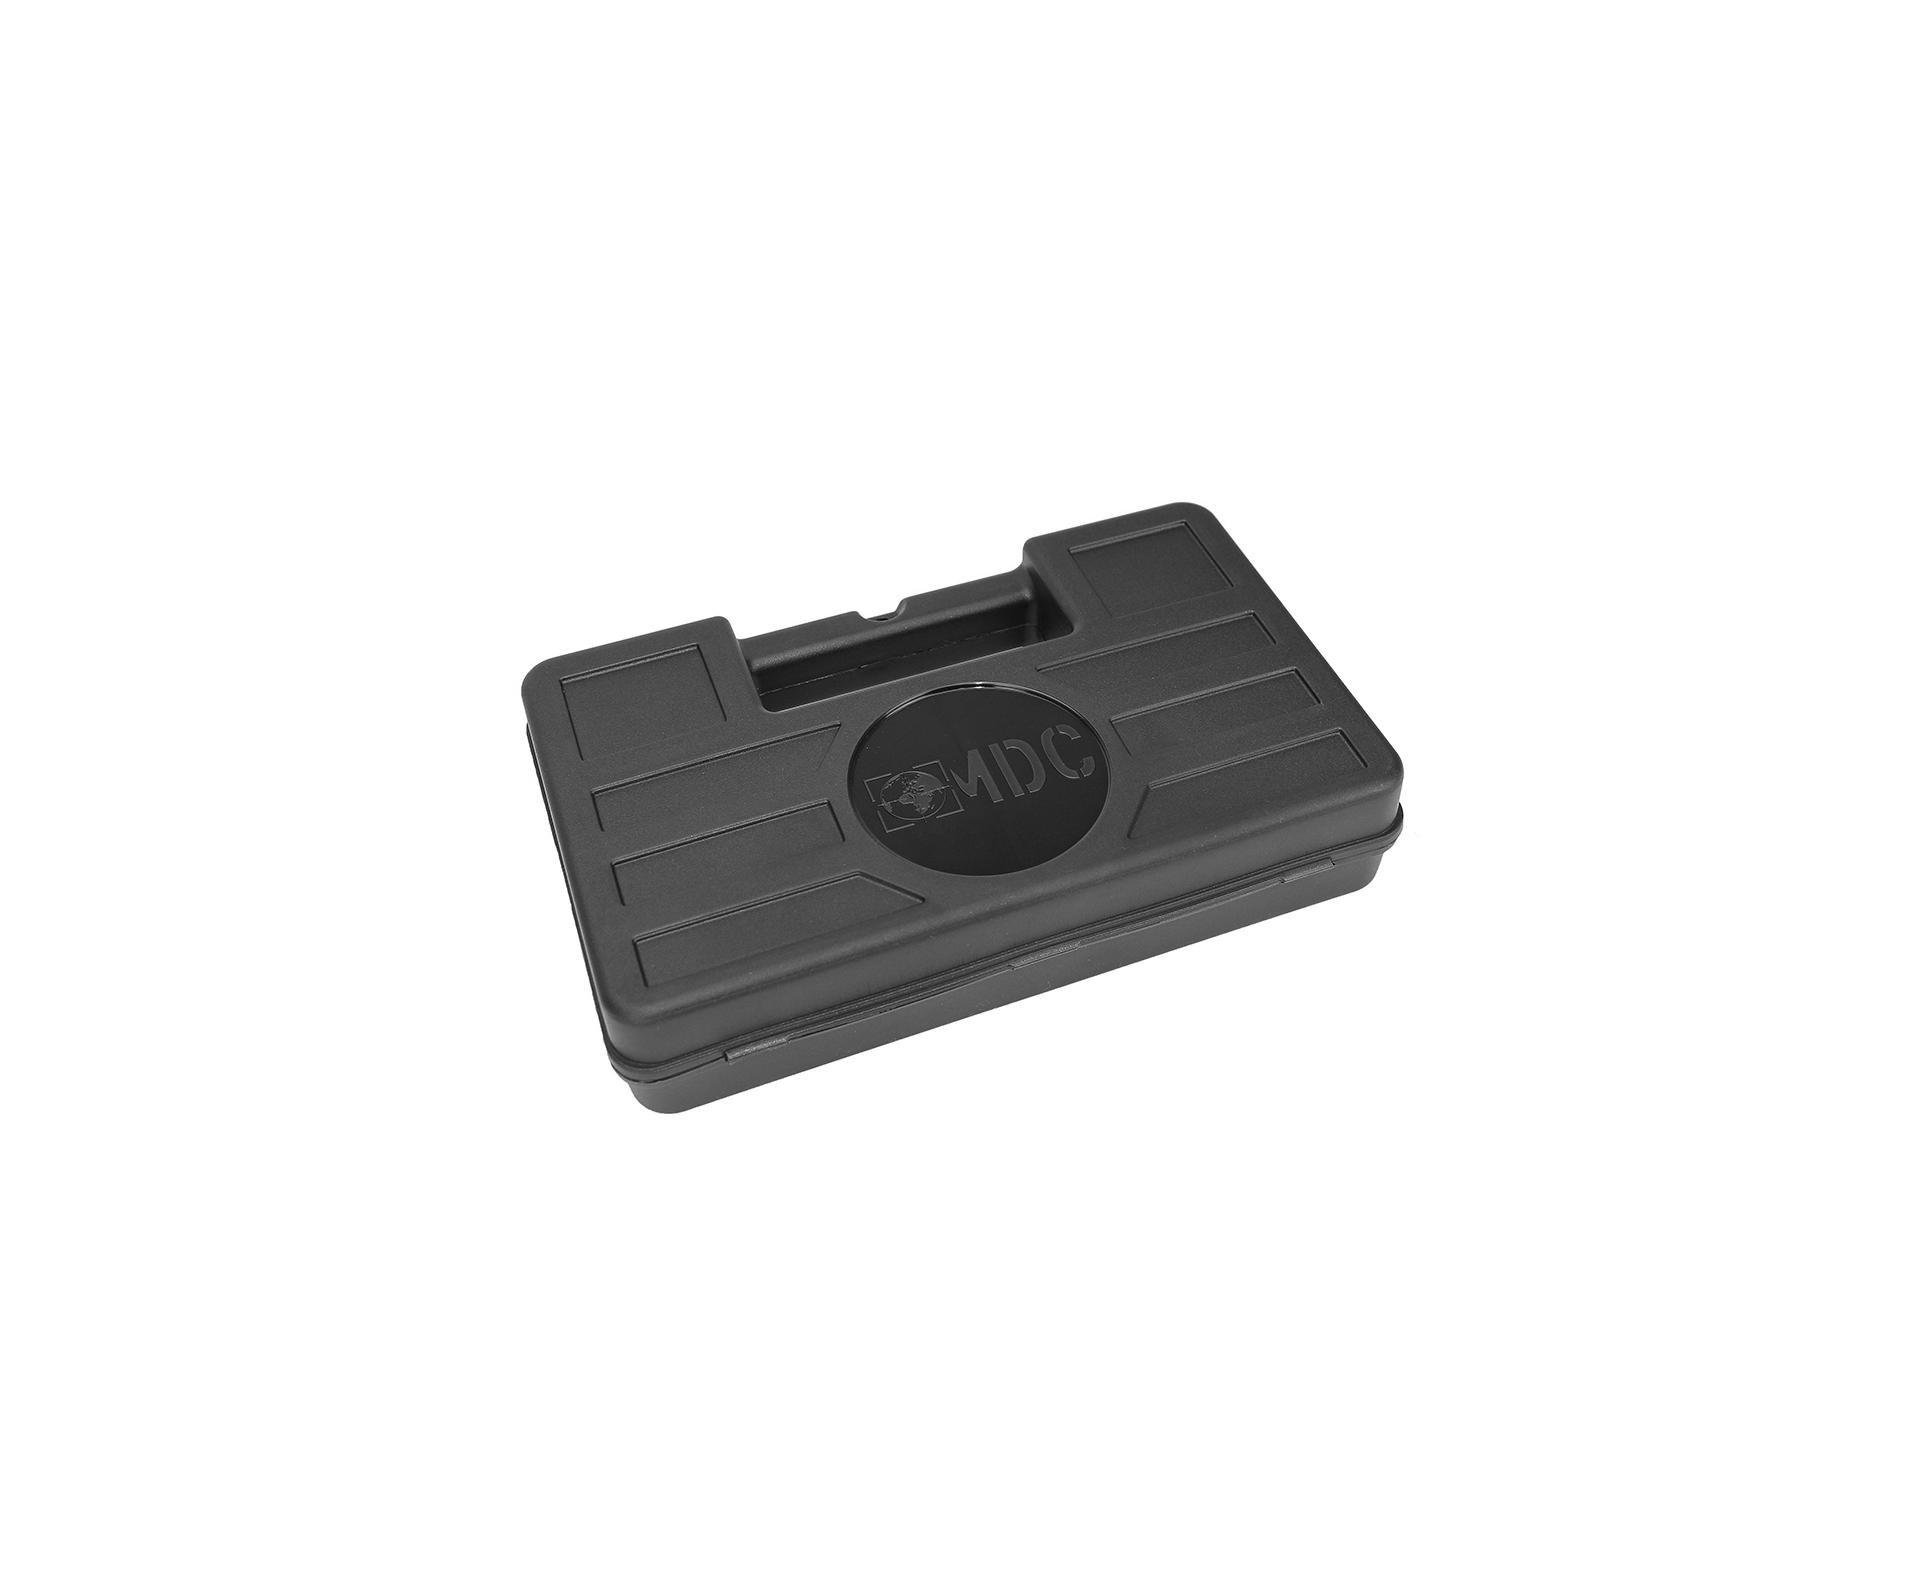 Pistola De Pressão Gas Co2 24/7 4,5mm Kwc + Case + Esferas + Co2